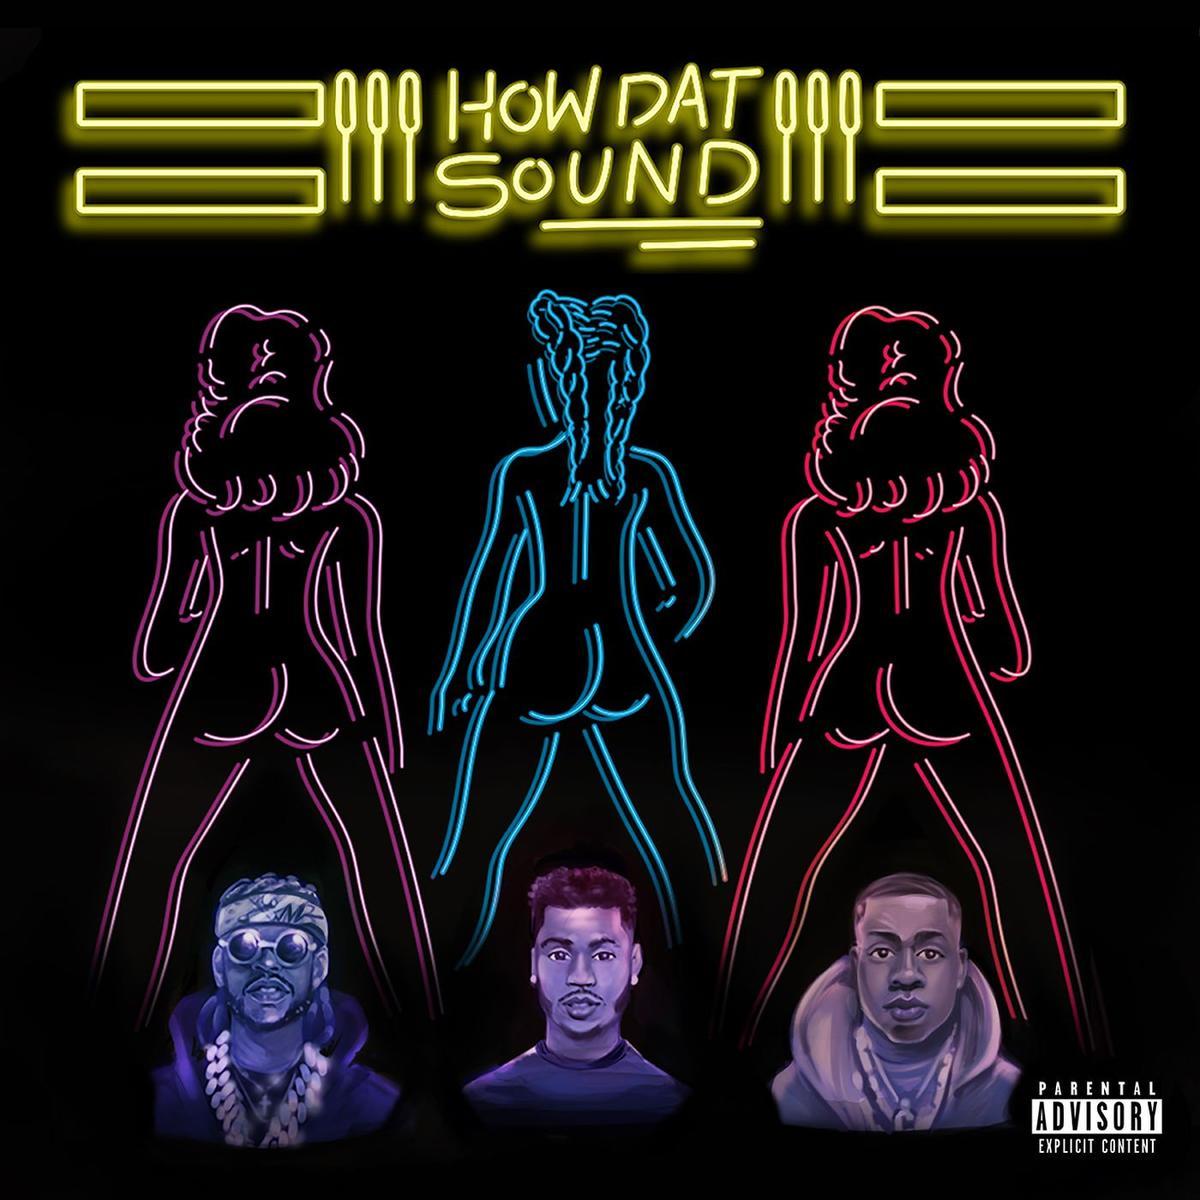 Trey Songz Feat 2 Chainz And Yo Gotti How Dat Sound Drais